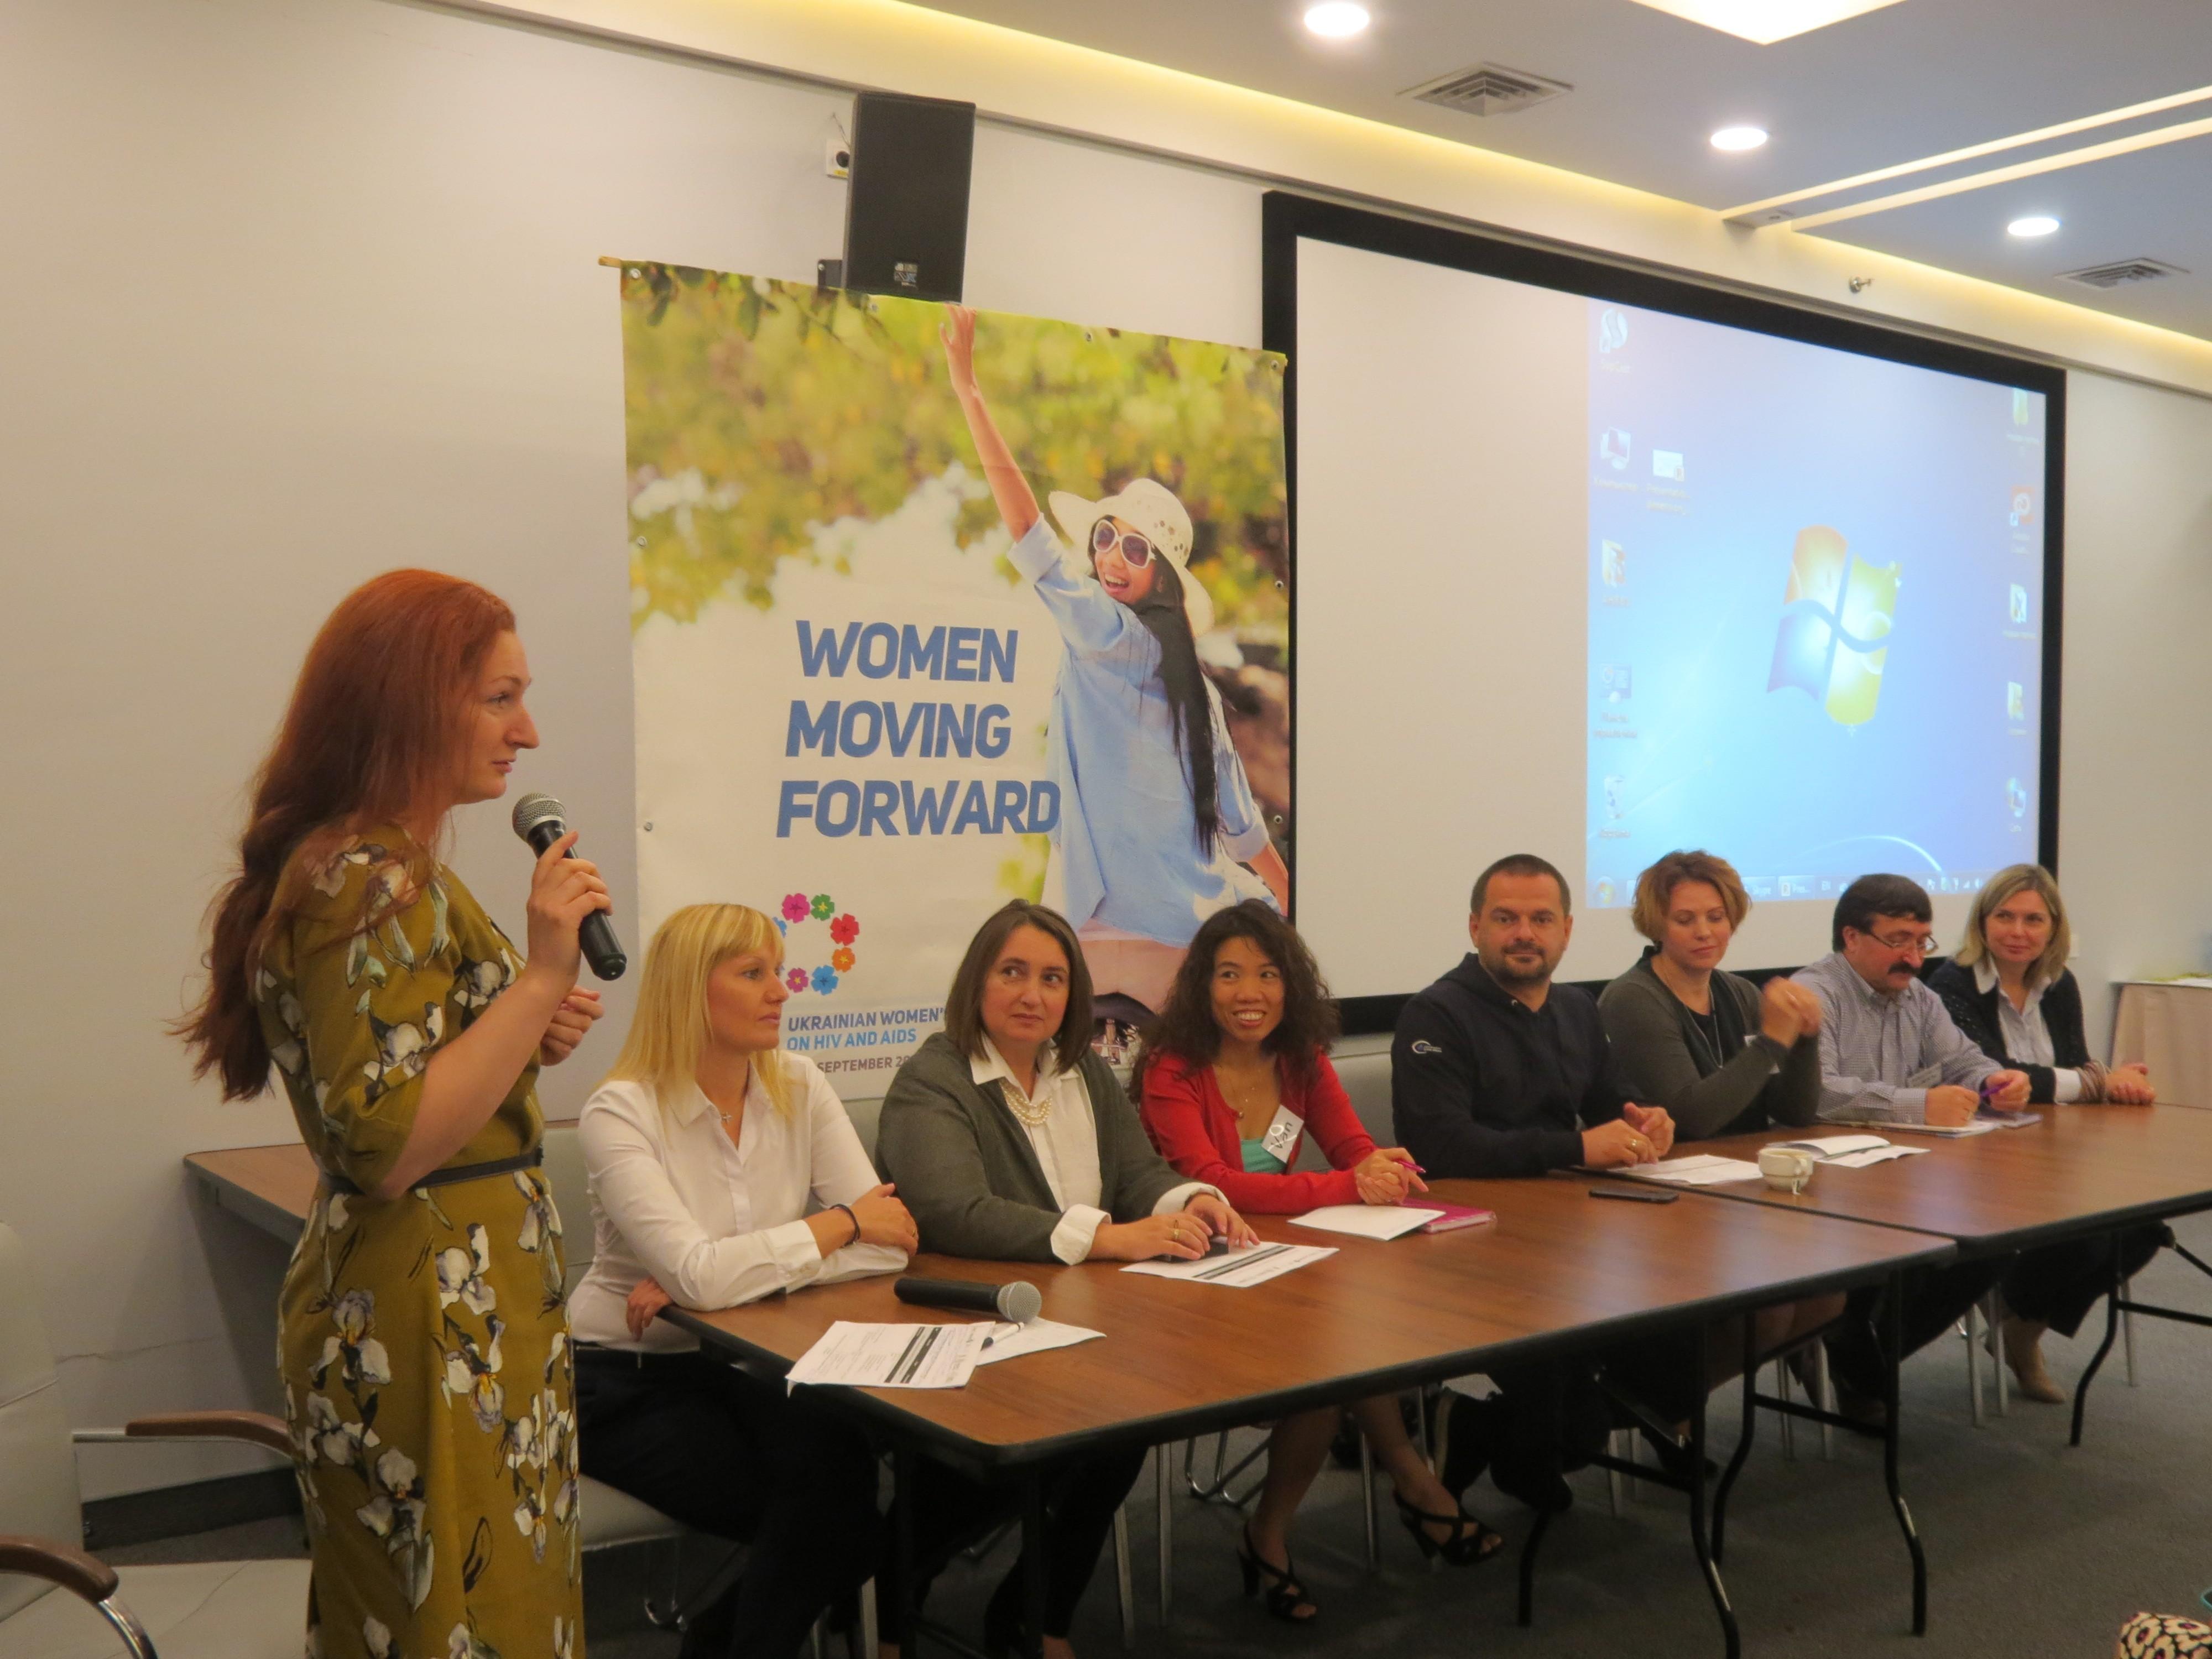 Положительные женщины из пяти стран обсудили в Одессе стратегии по сохранению здоровья